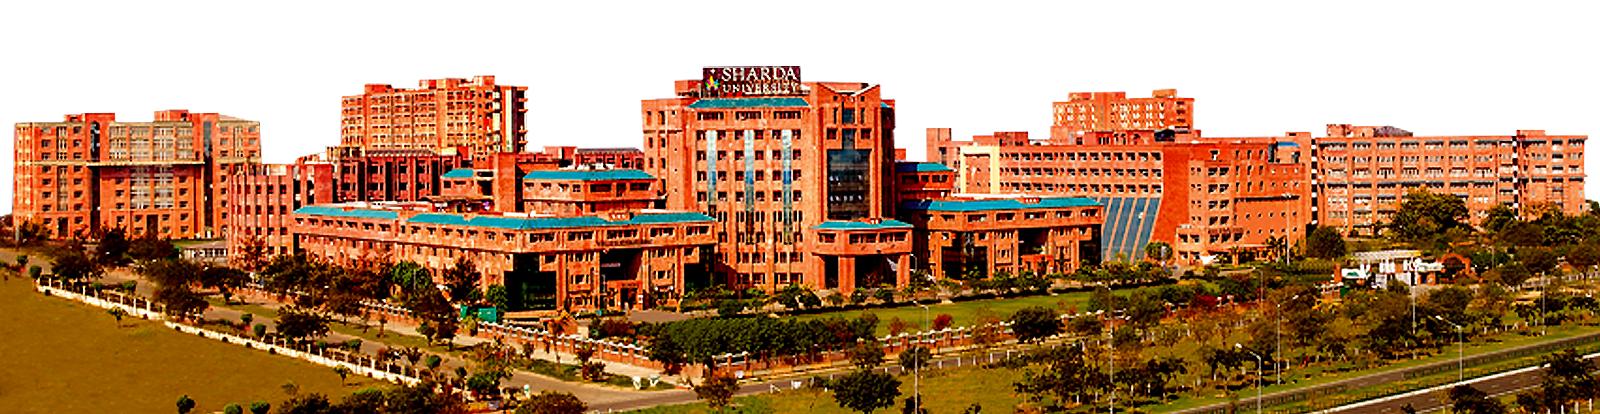 Sharda University, Greater Noida Image